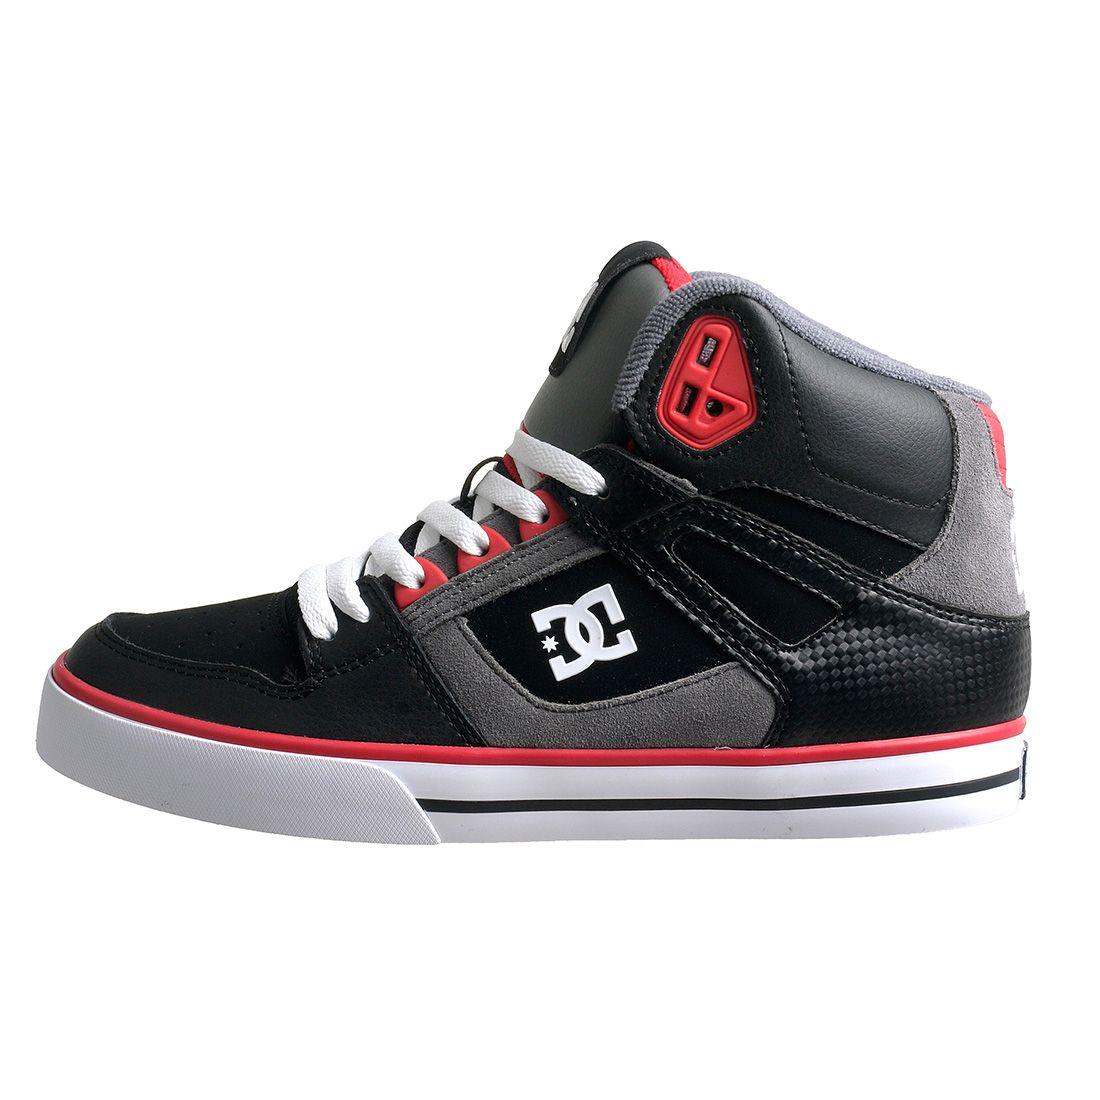 Dc Shoes Men S Spartan High Wc Black Skateboarding Shoes Dc Shoes Men Dc Shoes Shoes Mens